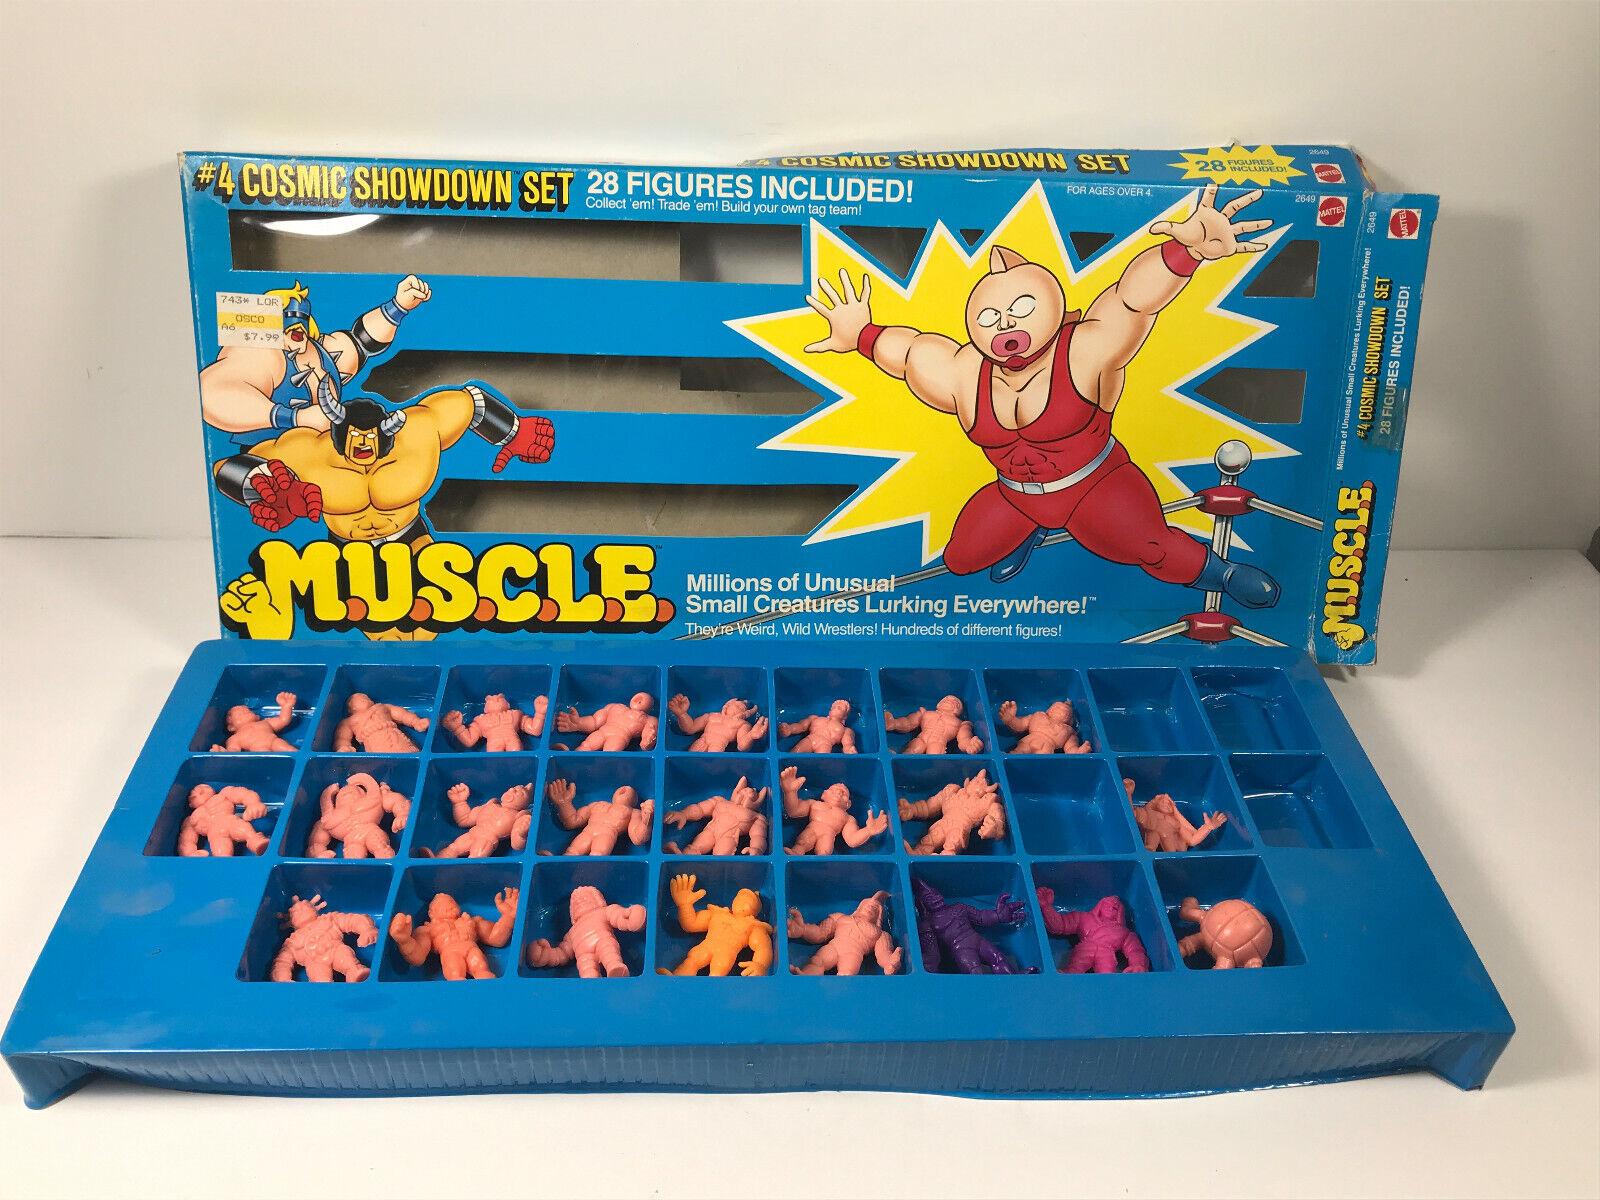 El marco para el duelo cósmico 35 de la Sección de juguetes del mapa de Acción de keshi Mattel